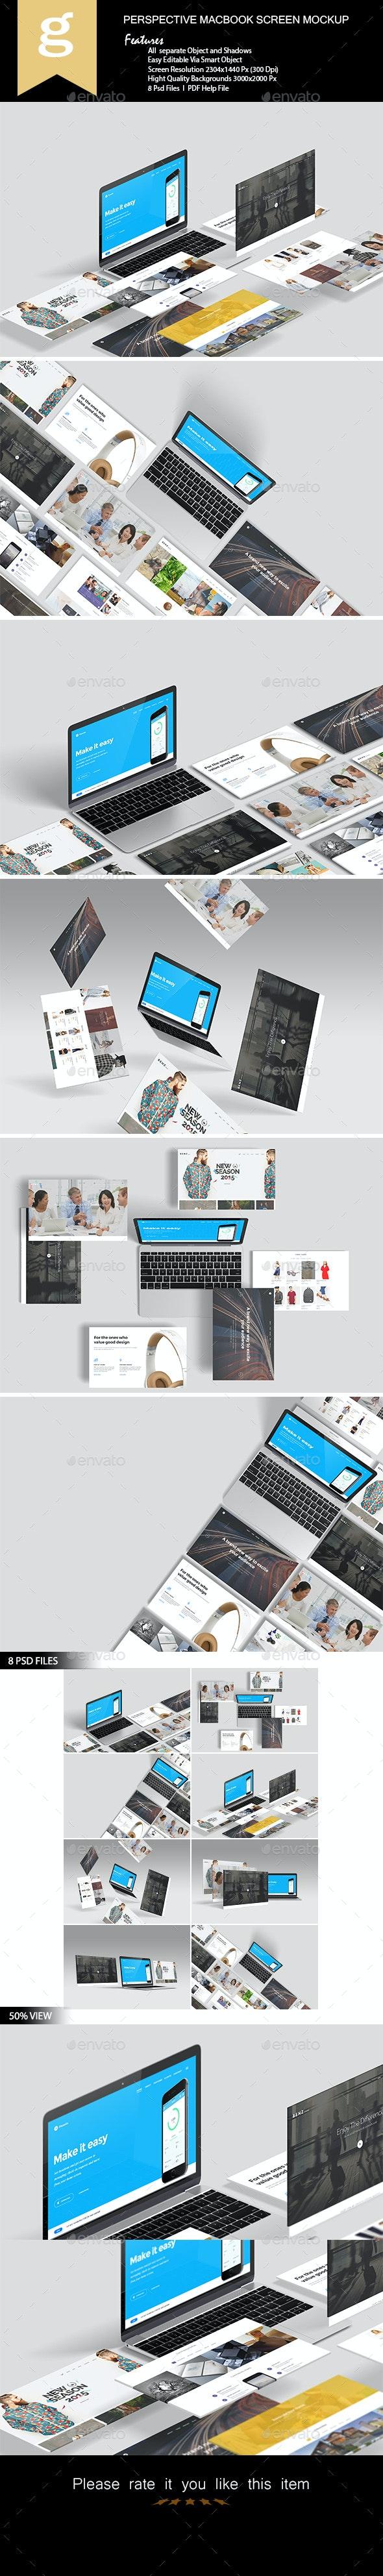 Perspective Macbook Screen Mock-Up - Laptop Displays